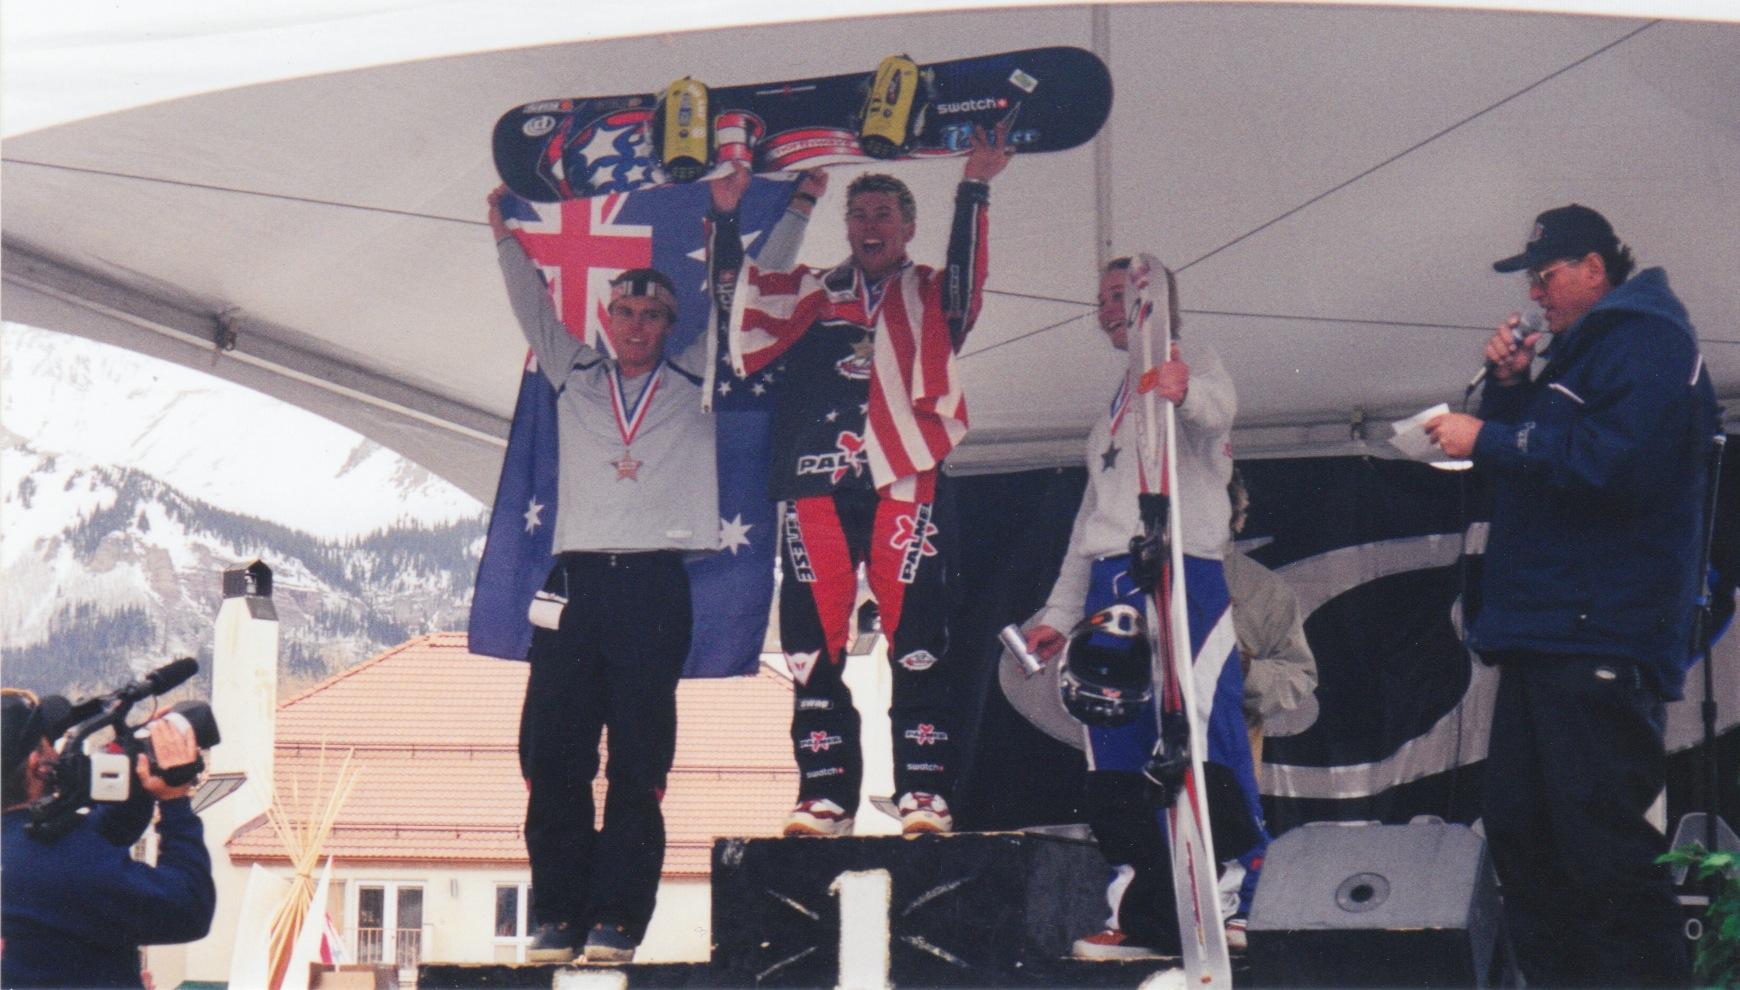 Junior champ on podium